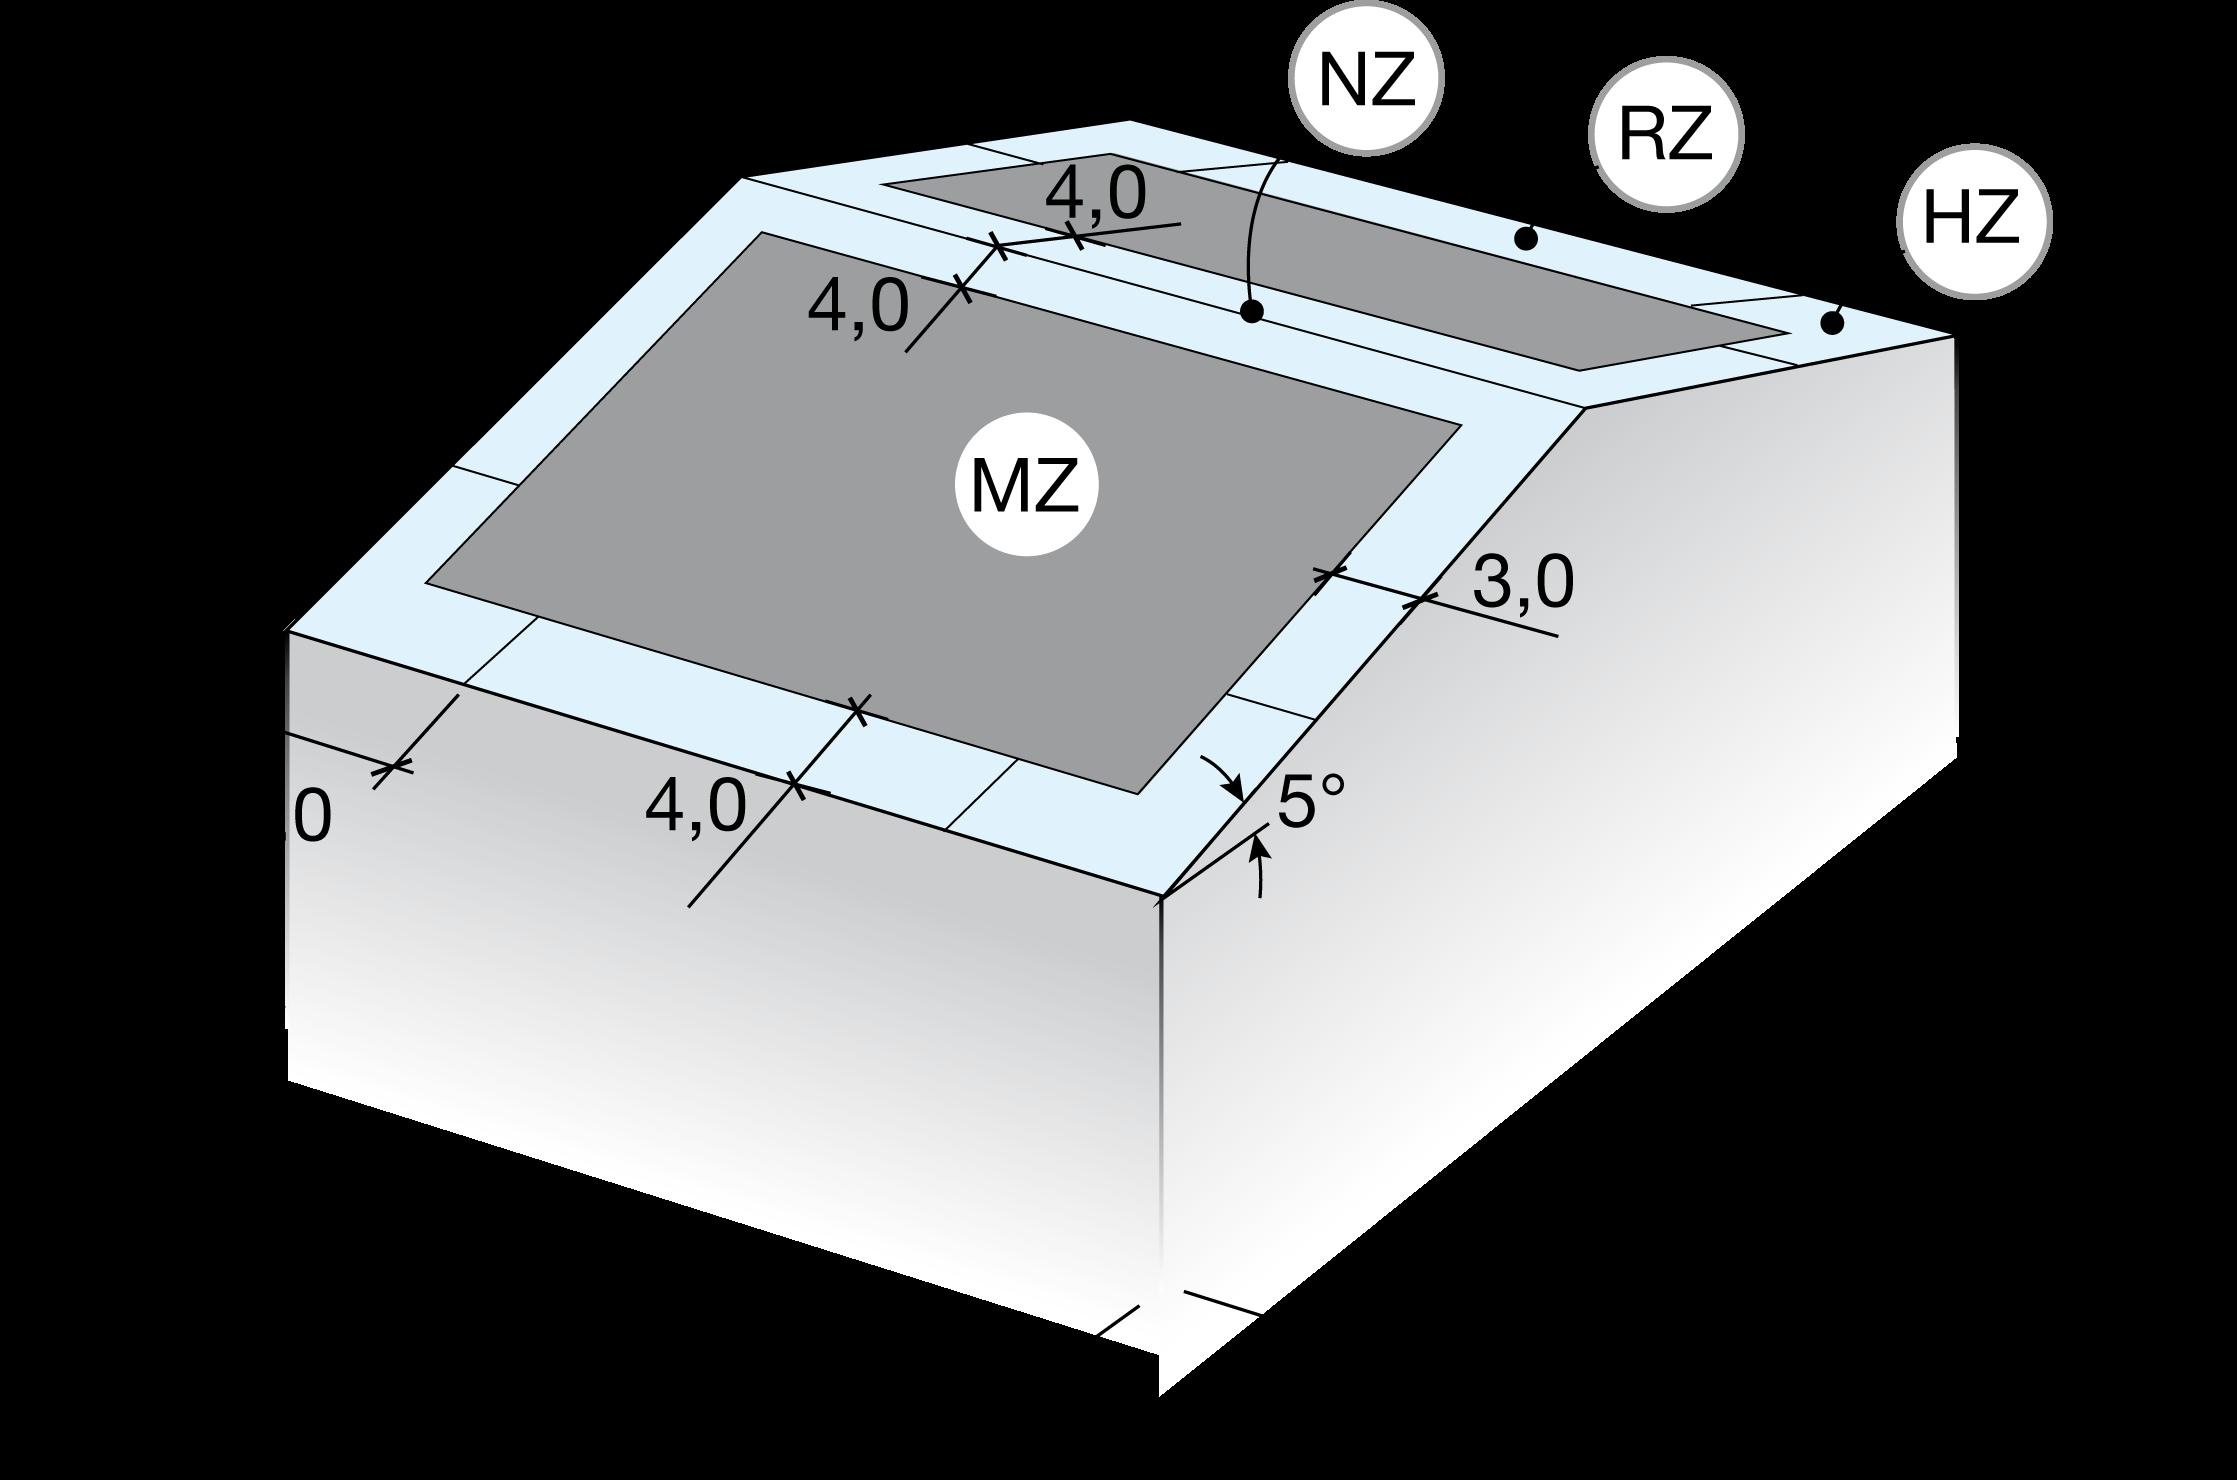 Figur 7:39. Exempel på infästningsplan enligt beräkningsexempel 2 och ovanstående rekommendation.